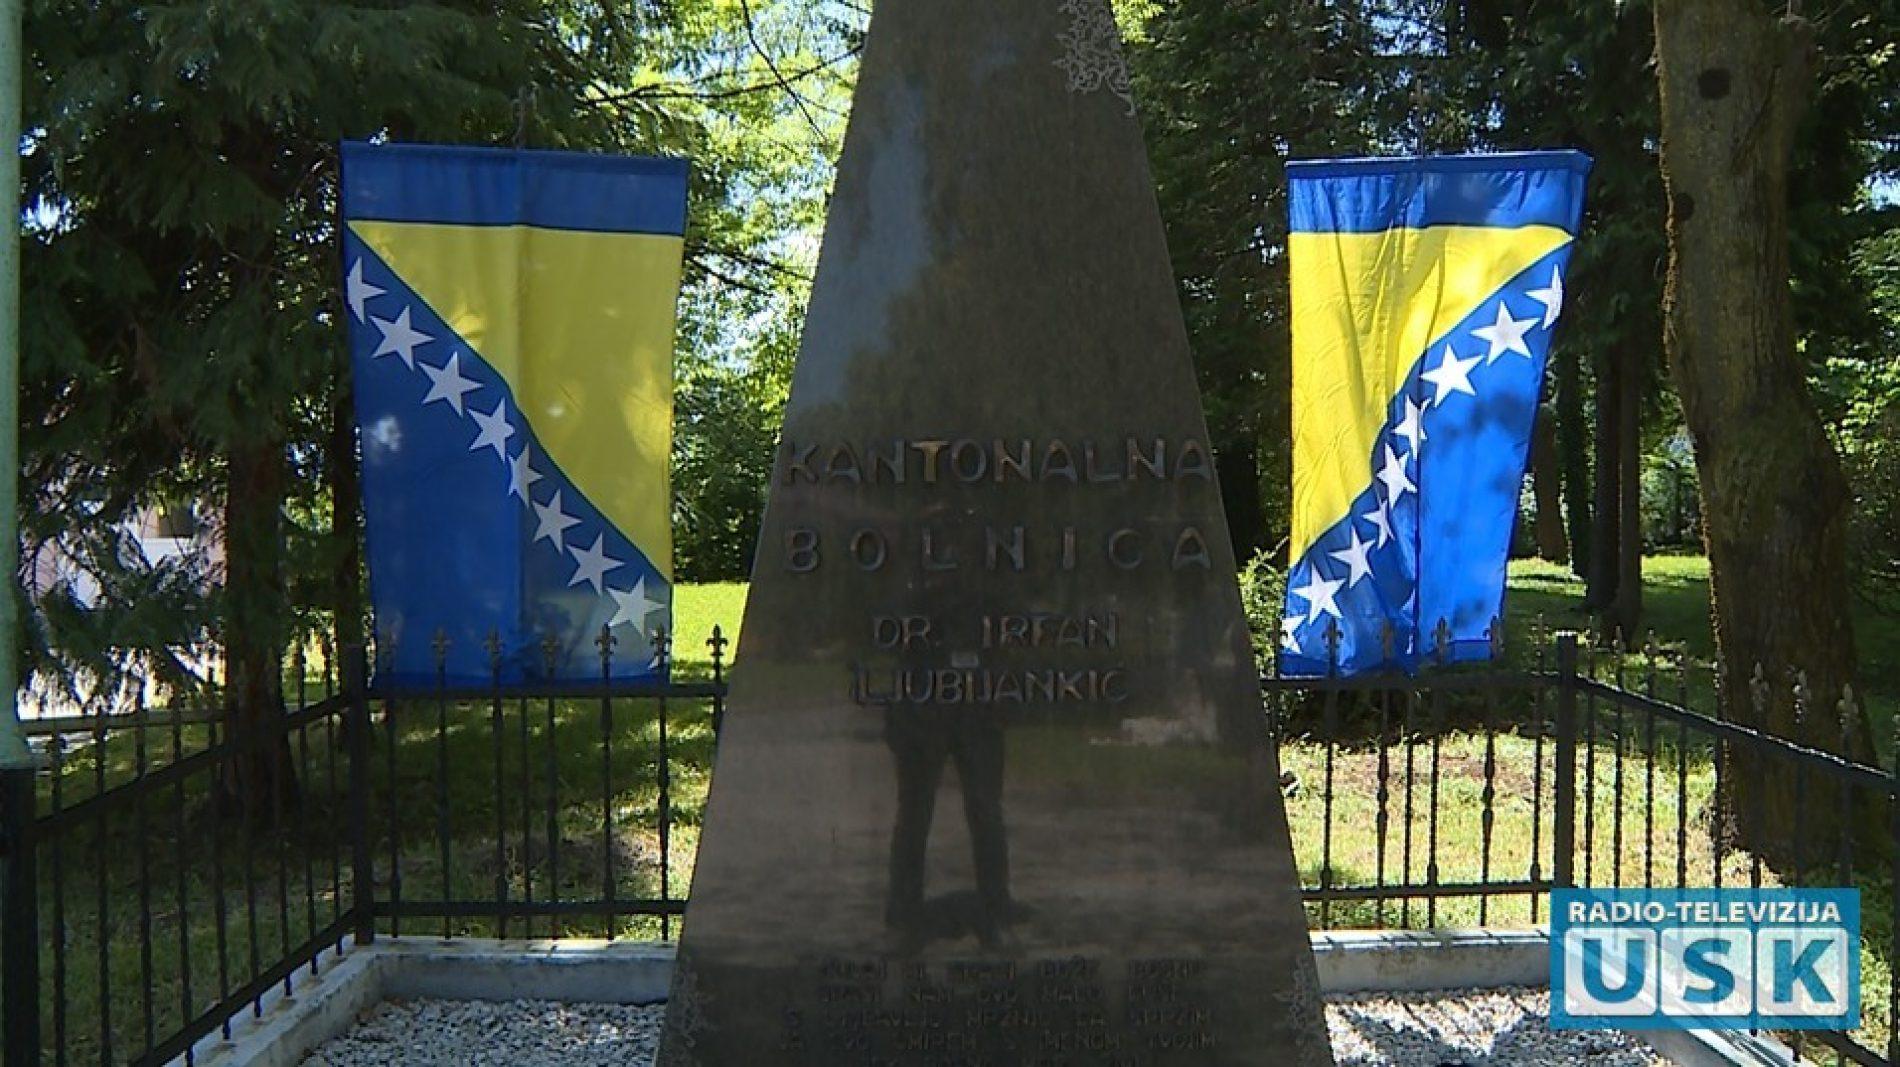 Godišnjica pogibije visoke državne delegacije predvođene dr. Ljubijankićem